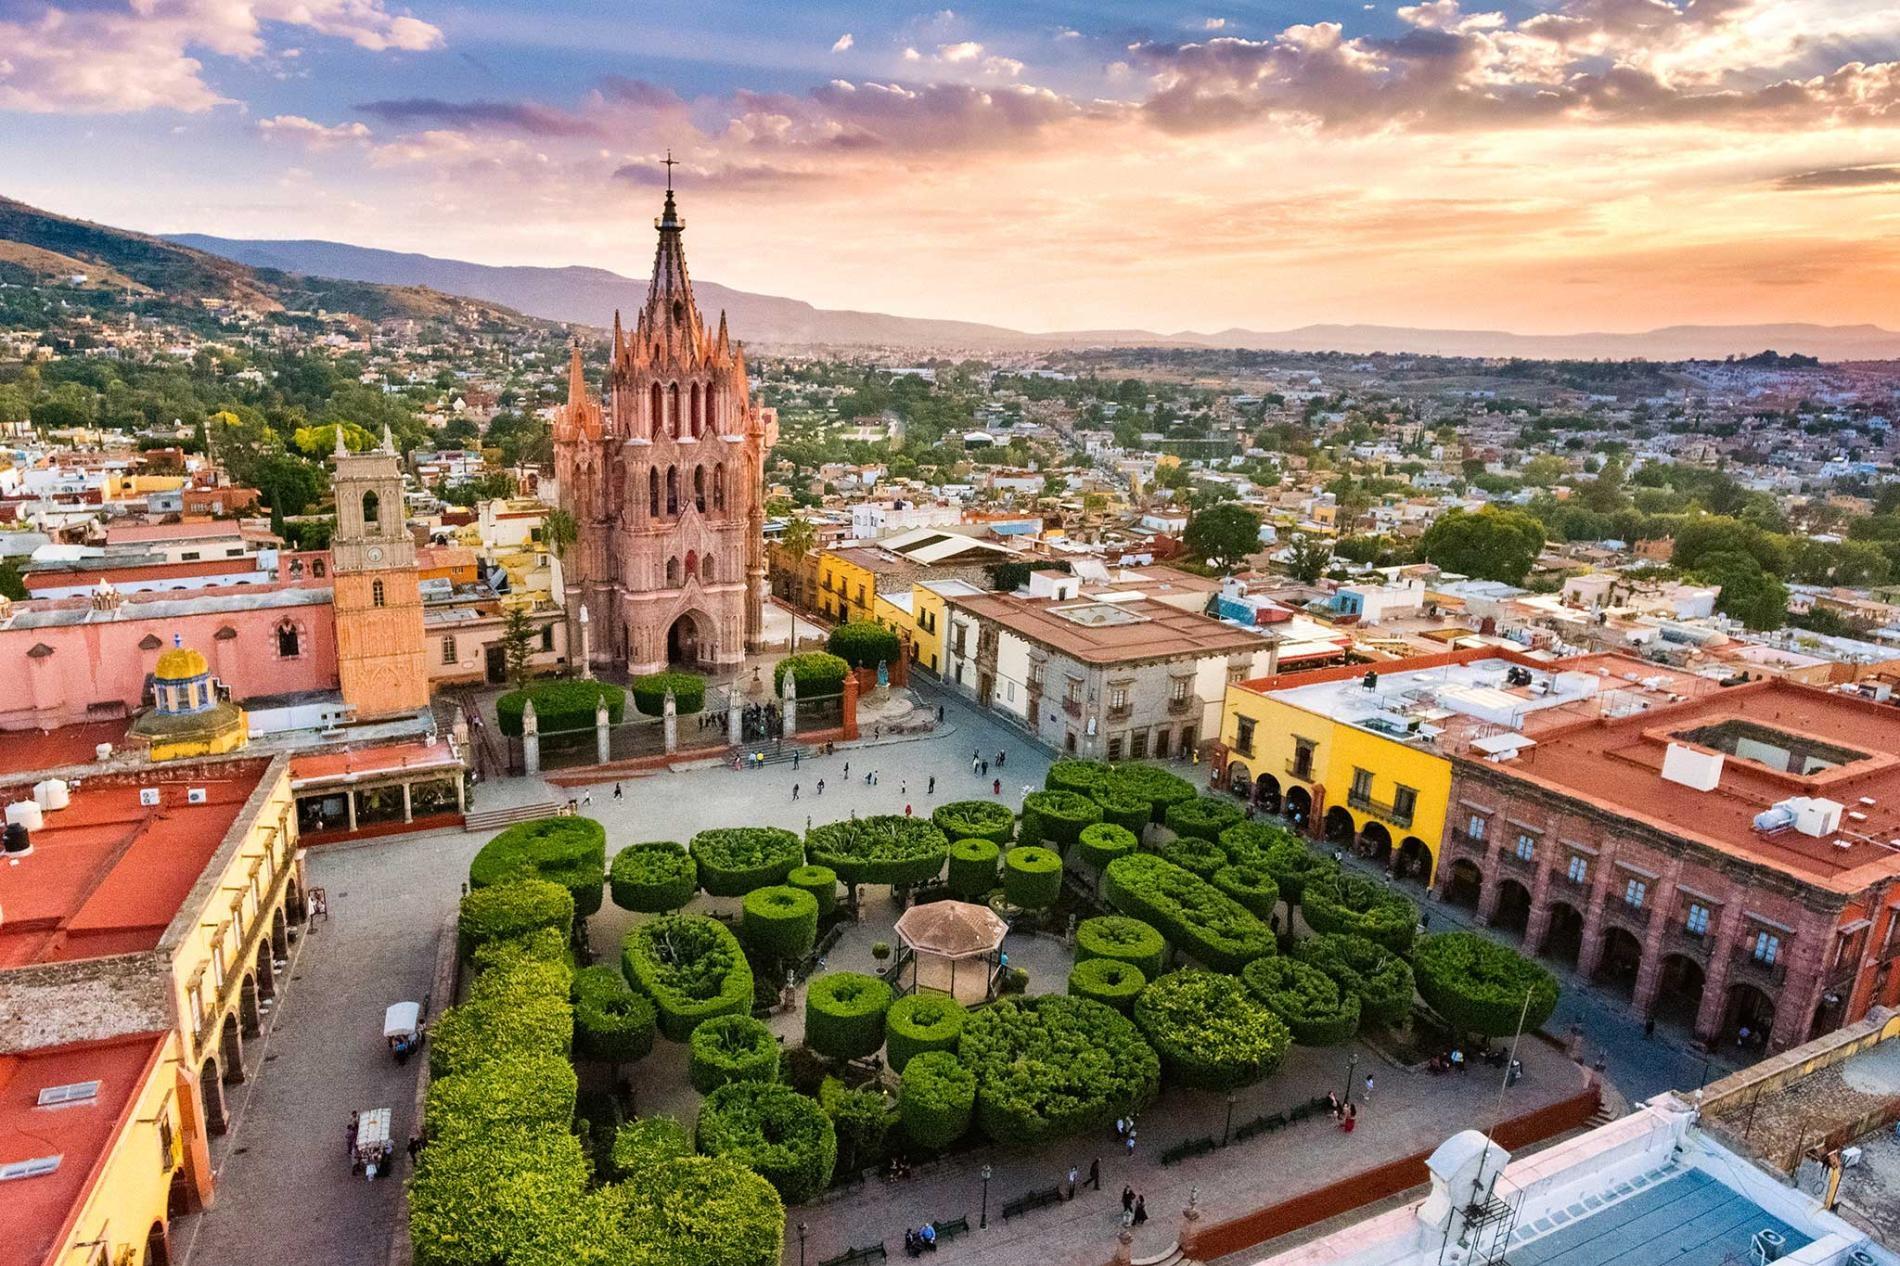 MEXICO - JANUARY 2020